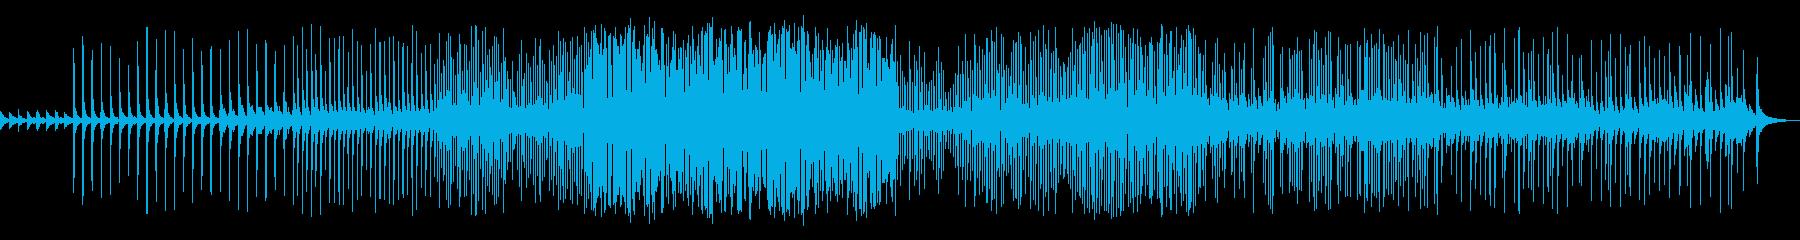 三味線が奏でる和風パッヘルベルのカノンの再生済みの波形